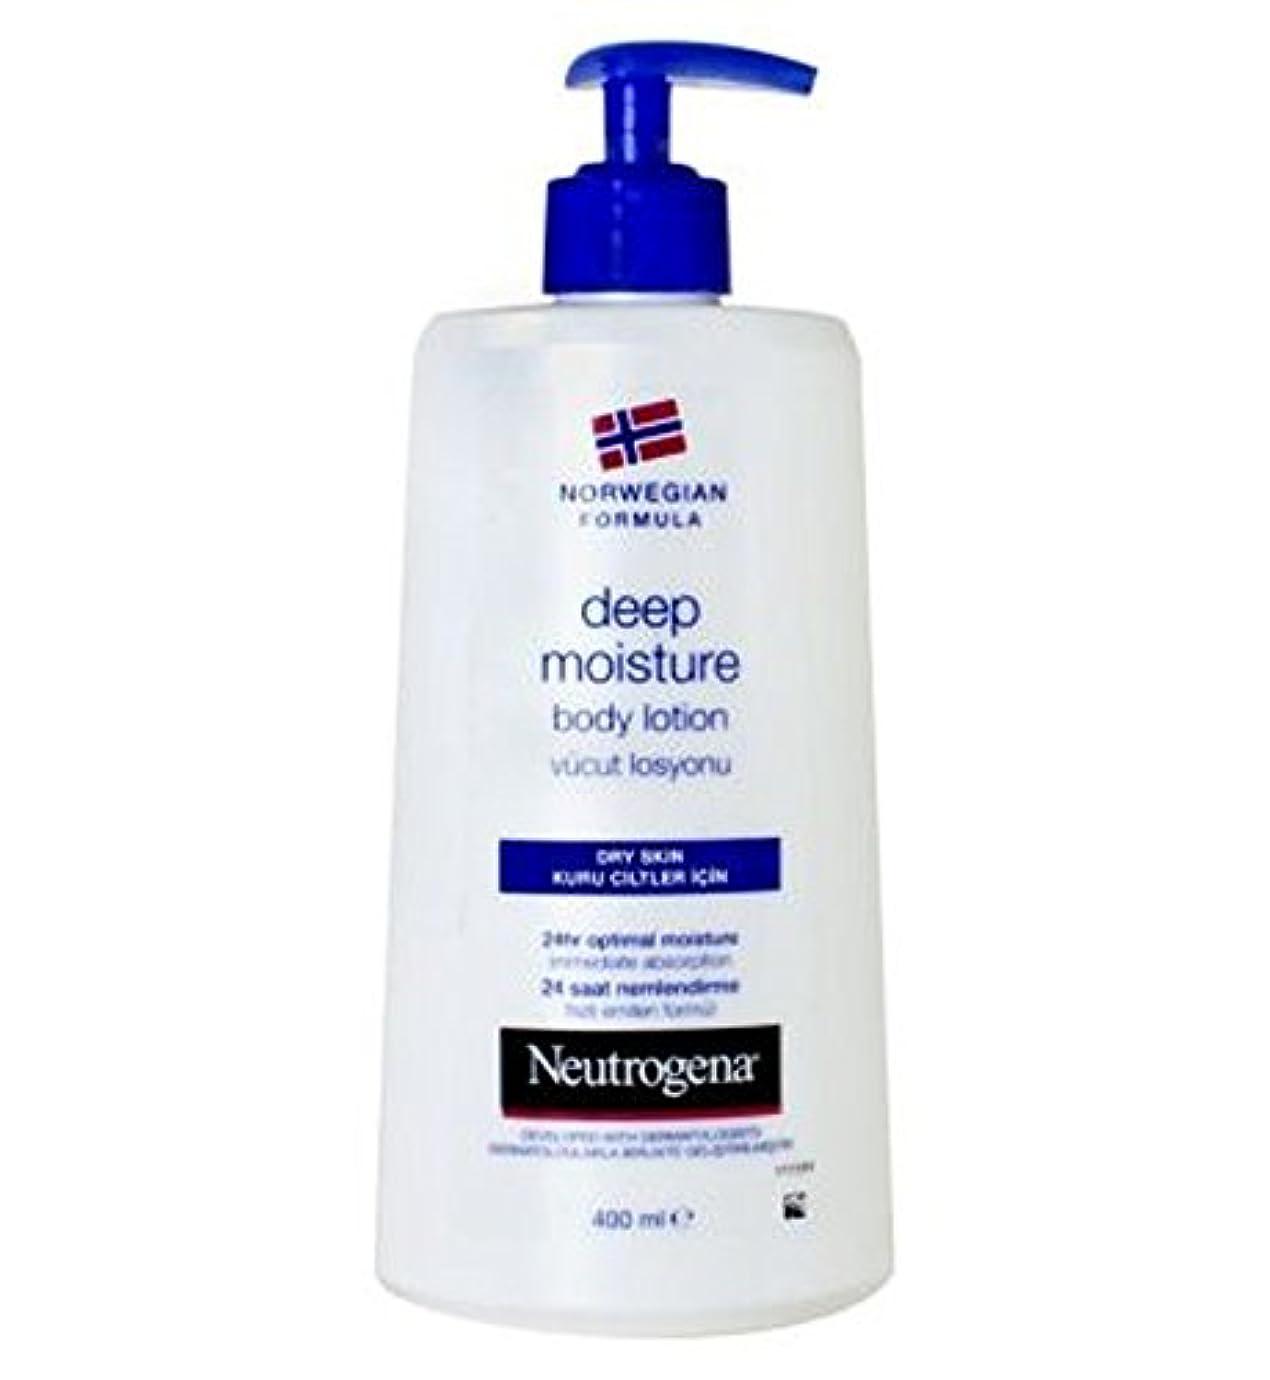 報奨金地元スプリット乾燥肌の250ミリリットルのためのニュートロジーナノルウェー式の深い水分ボディローション (Neutrogena Norwegian Formula) (x2) - Neutrogena Norwegian Formula Deep Moisture Body Lotion For Dry Skin 250ml (Pack of 2) [並行輸入品]